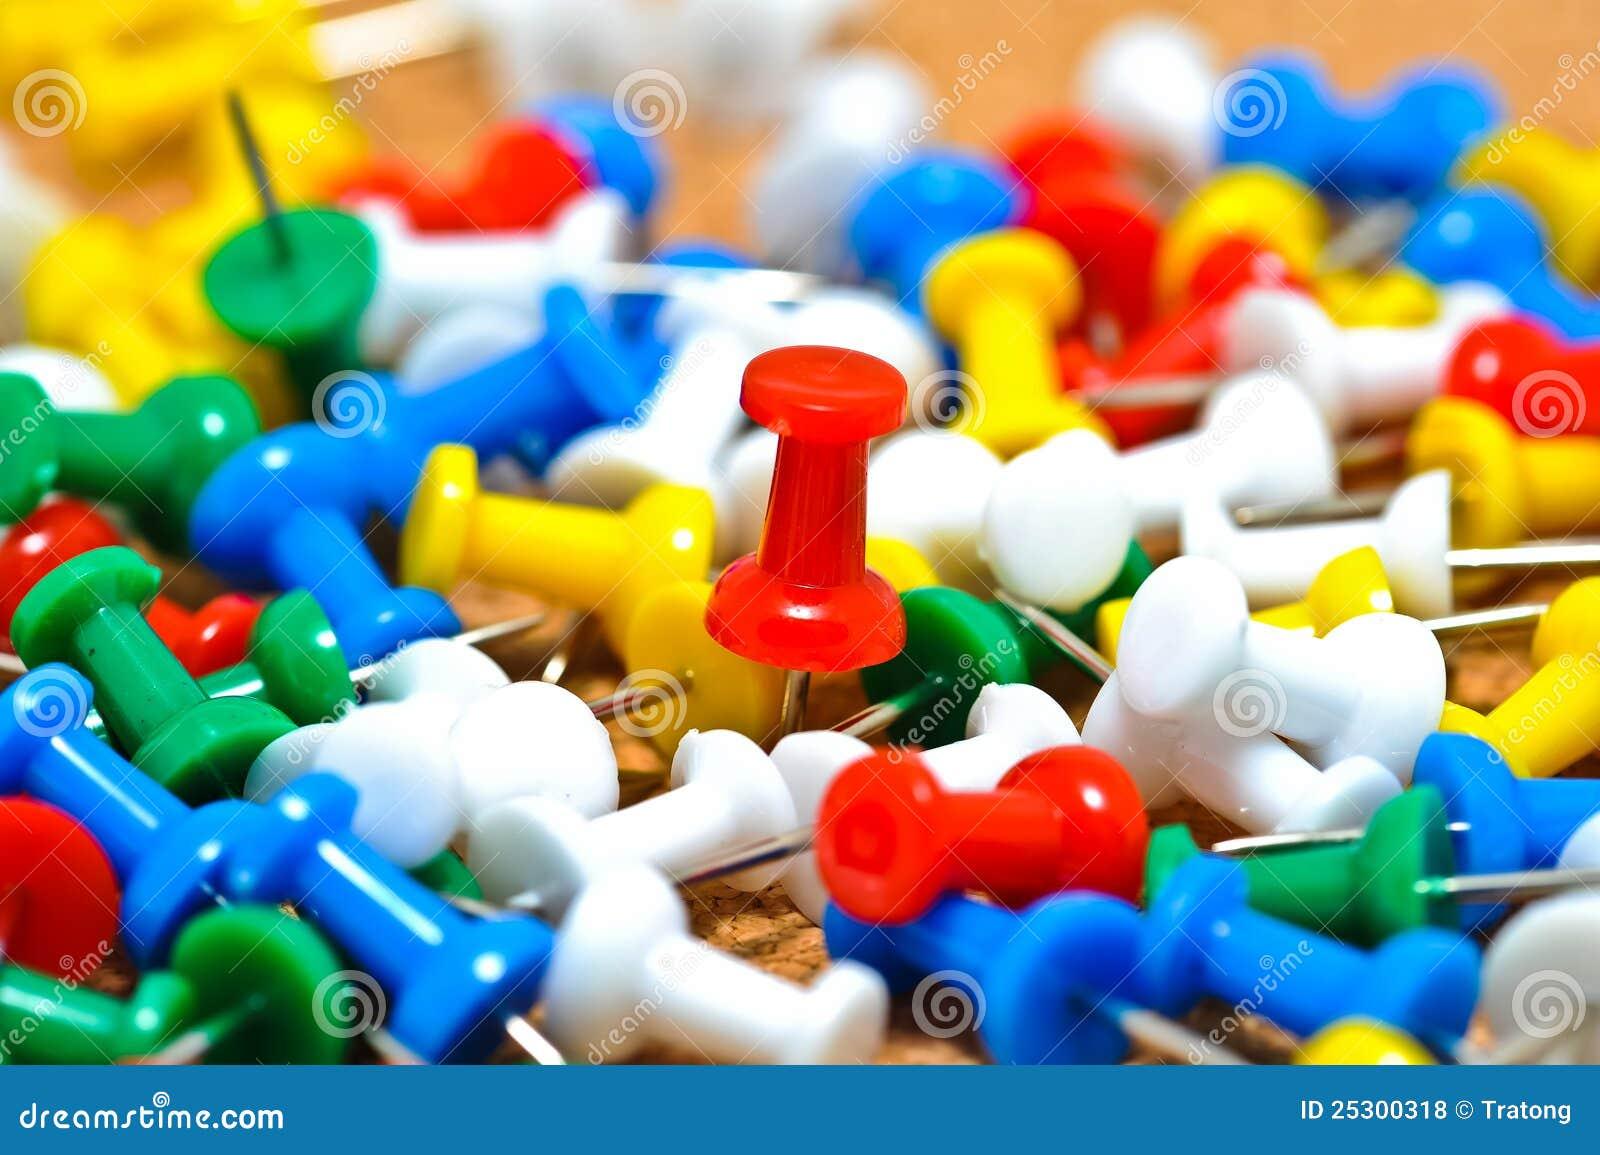 Grupa kolorowe pchnięcie szpilki na korkowej tablicie informacyjnej